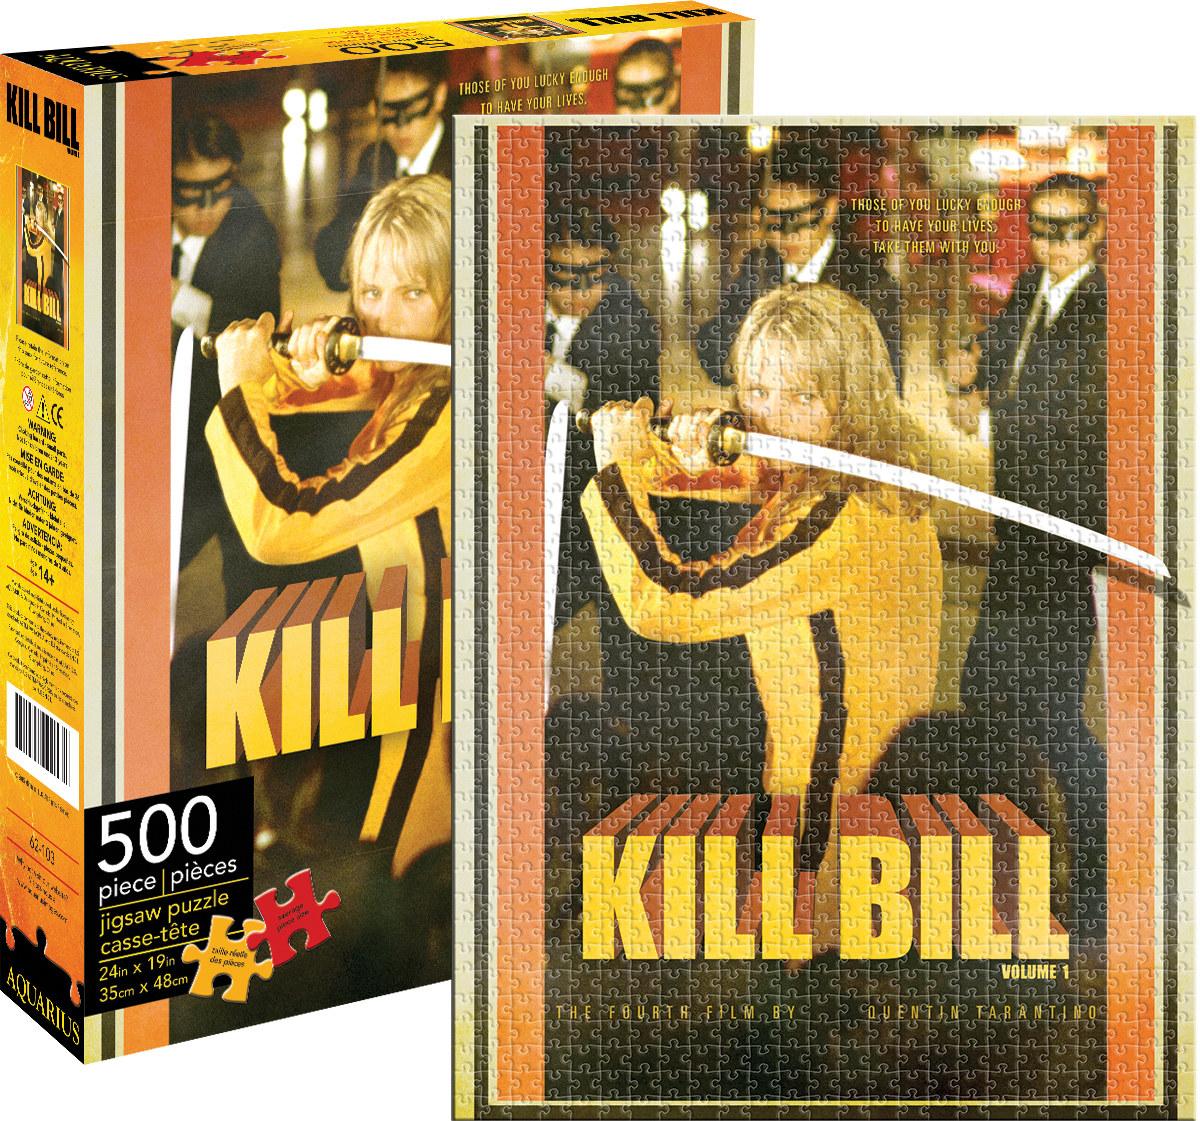 Kill Bill Movies / Books / TV Jigsaw Puzzle